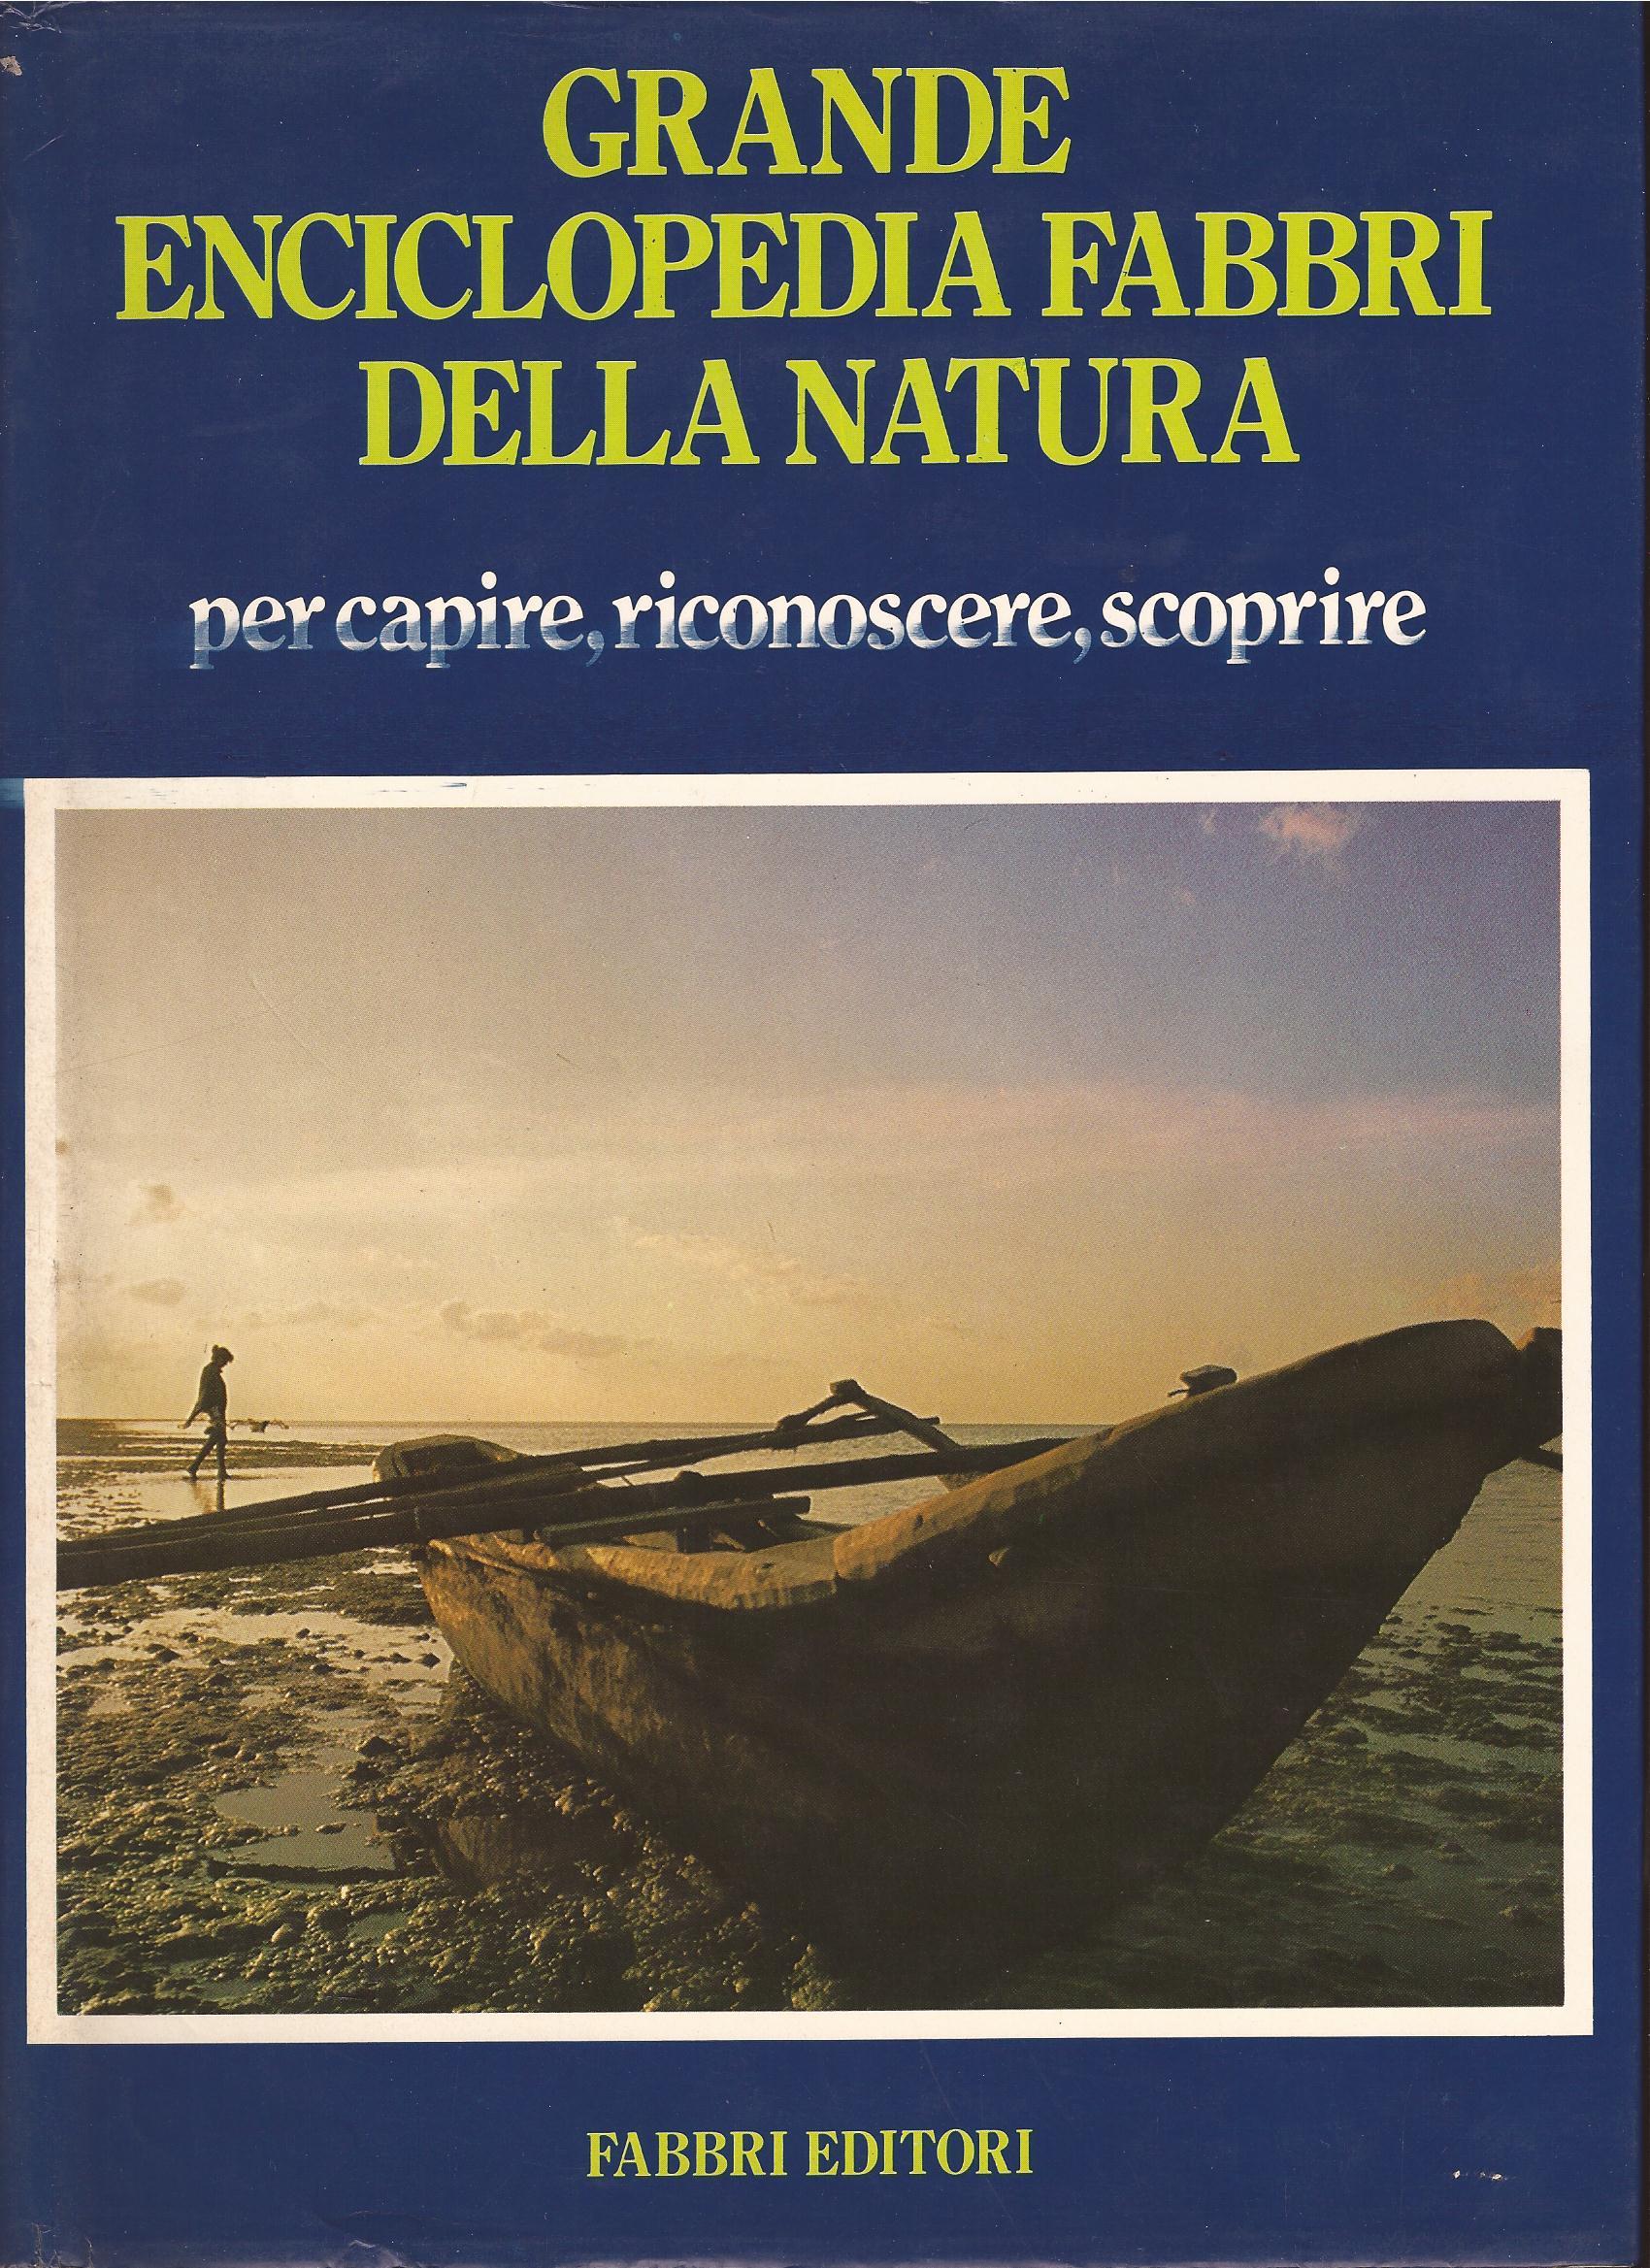 Grande enciclopedia Fabbri della natura